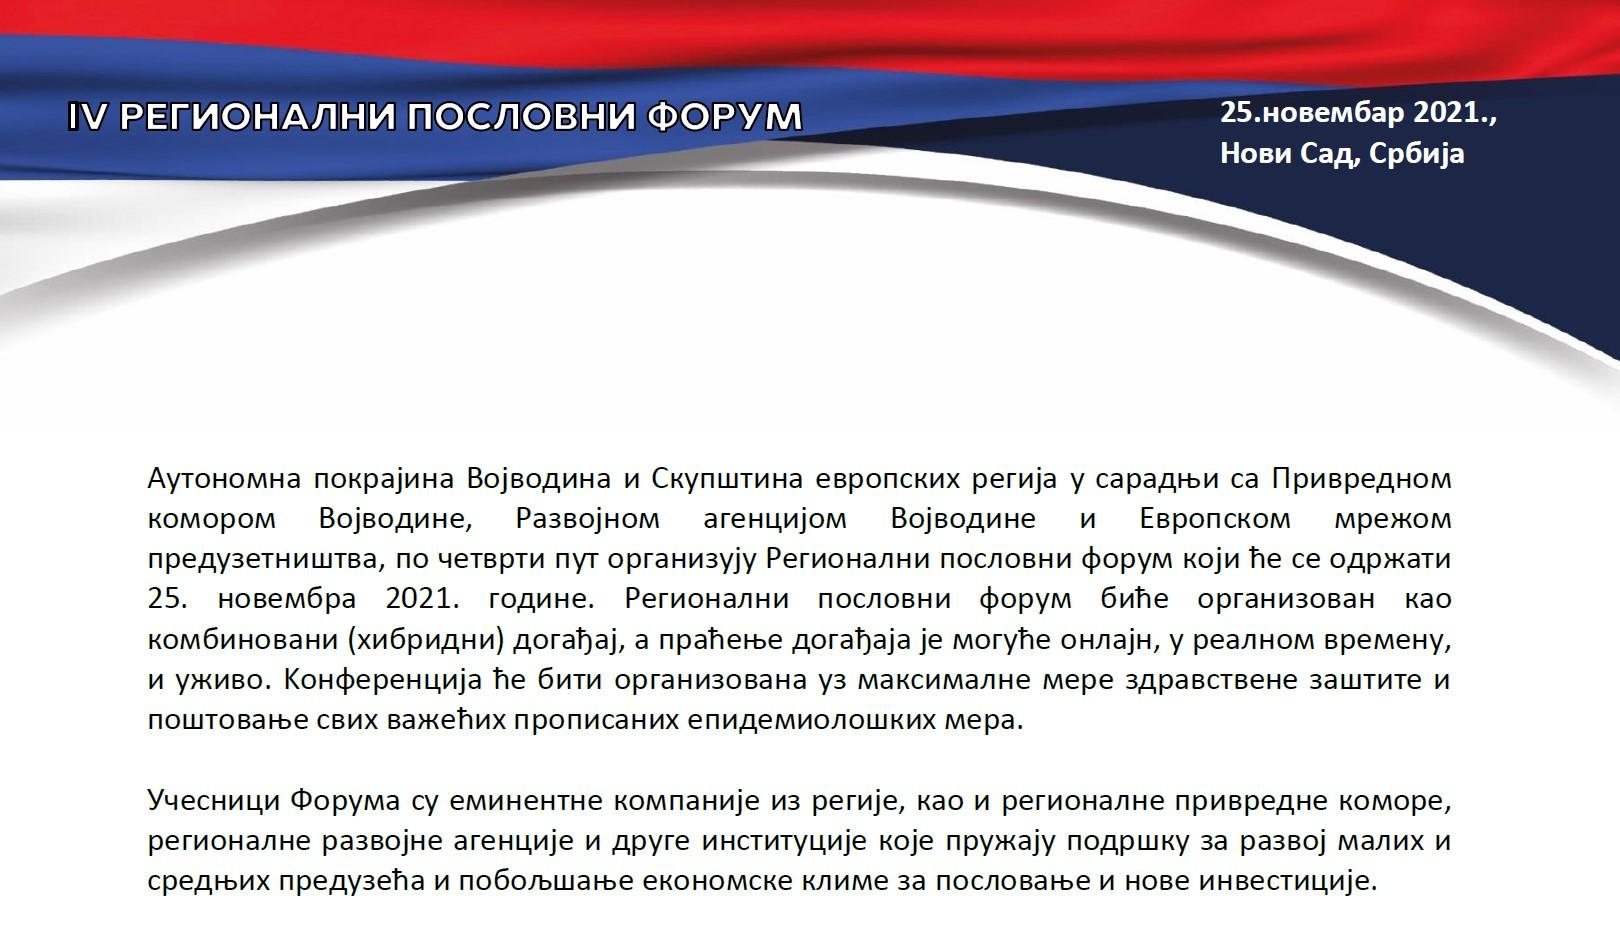 IV Регионални пословни форум  25.11.2021.